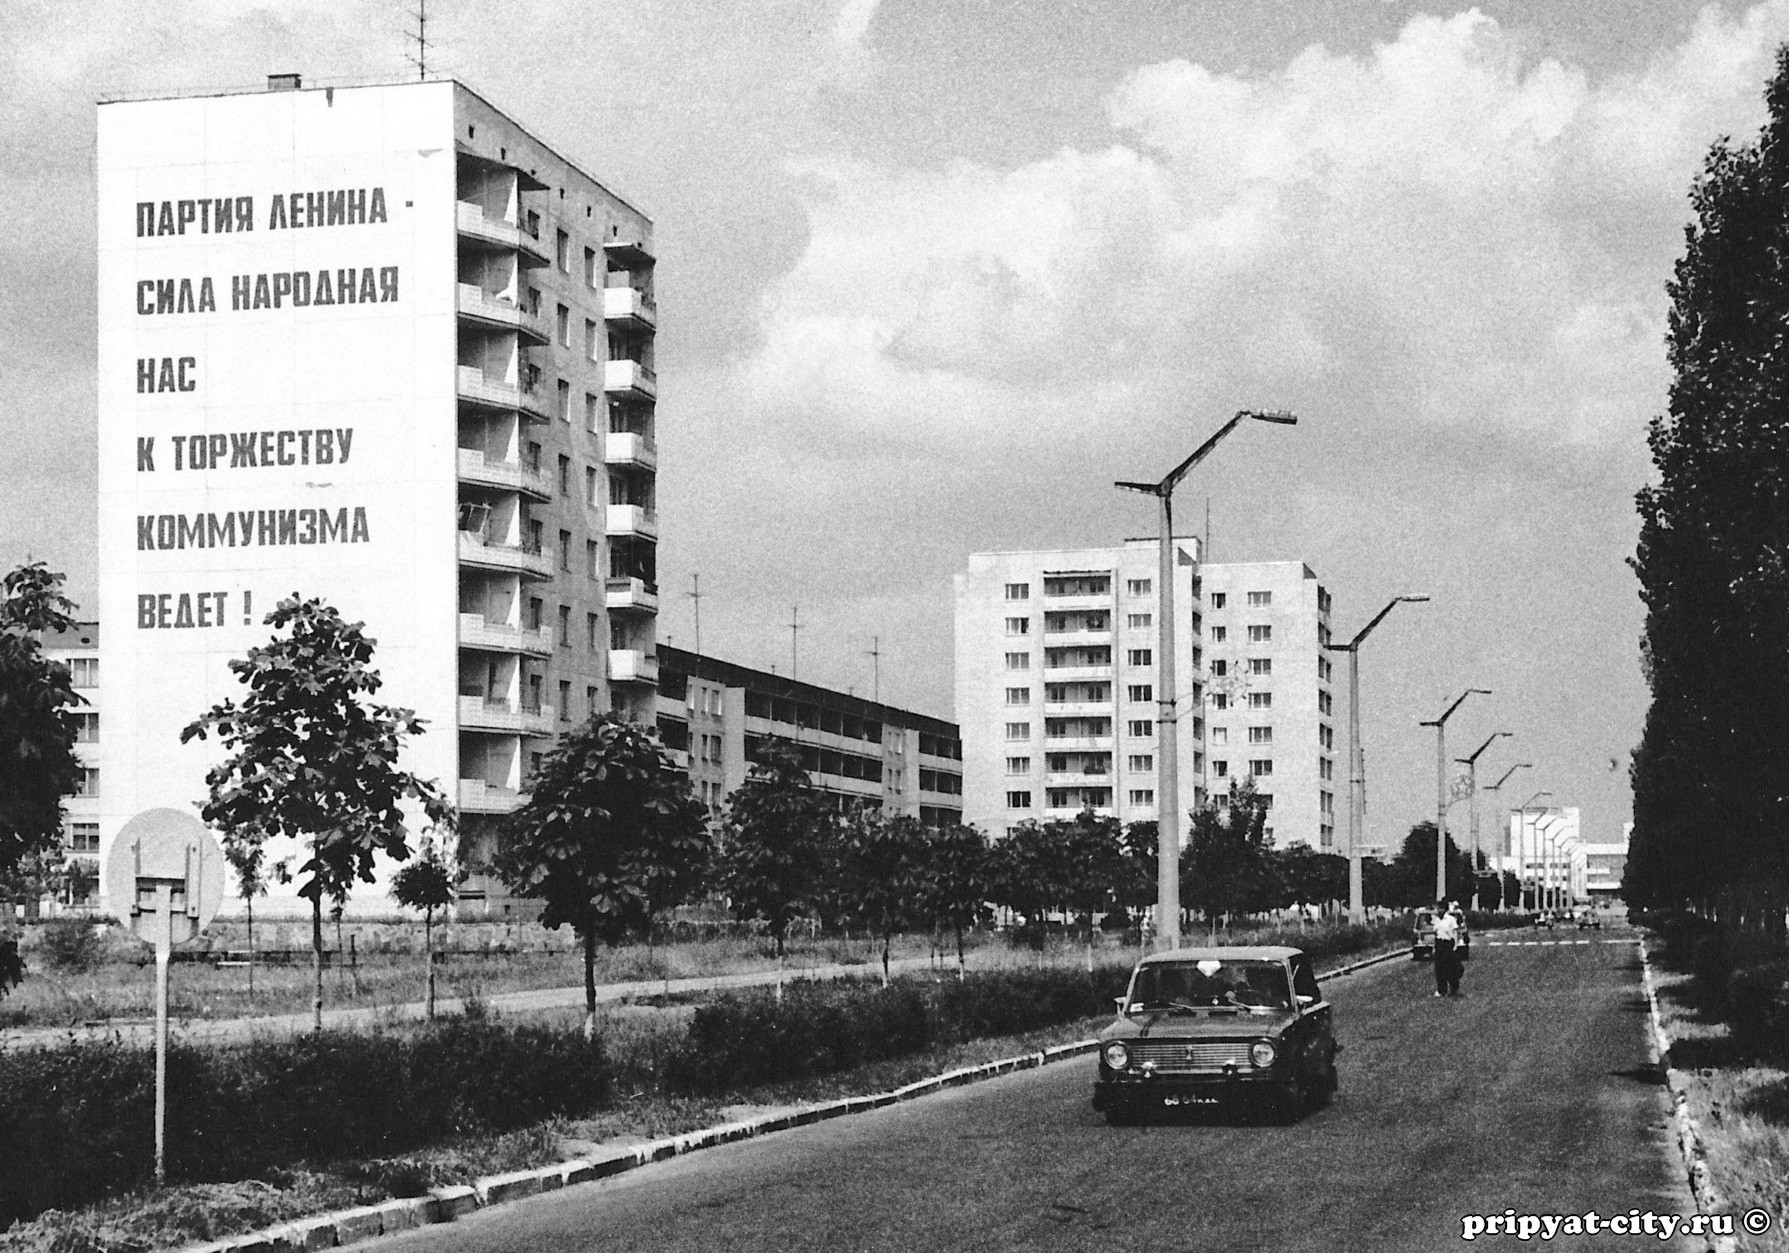 Old photo of Pripyat